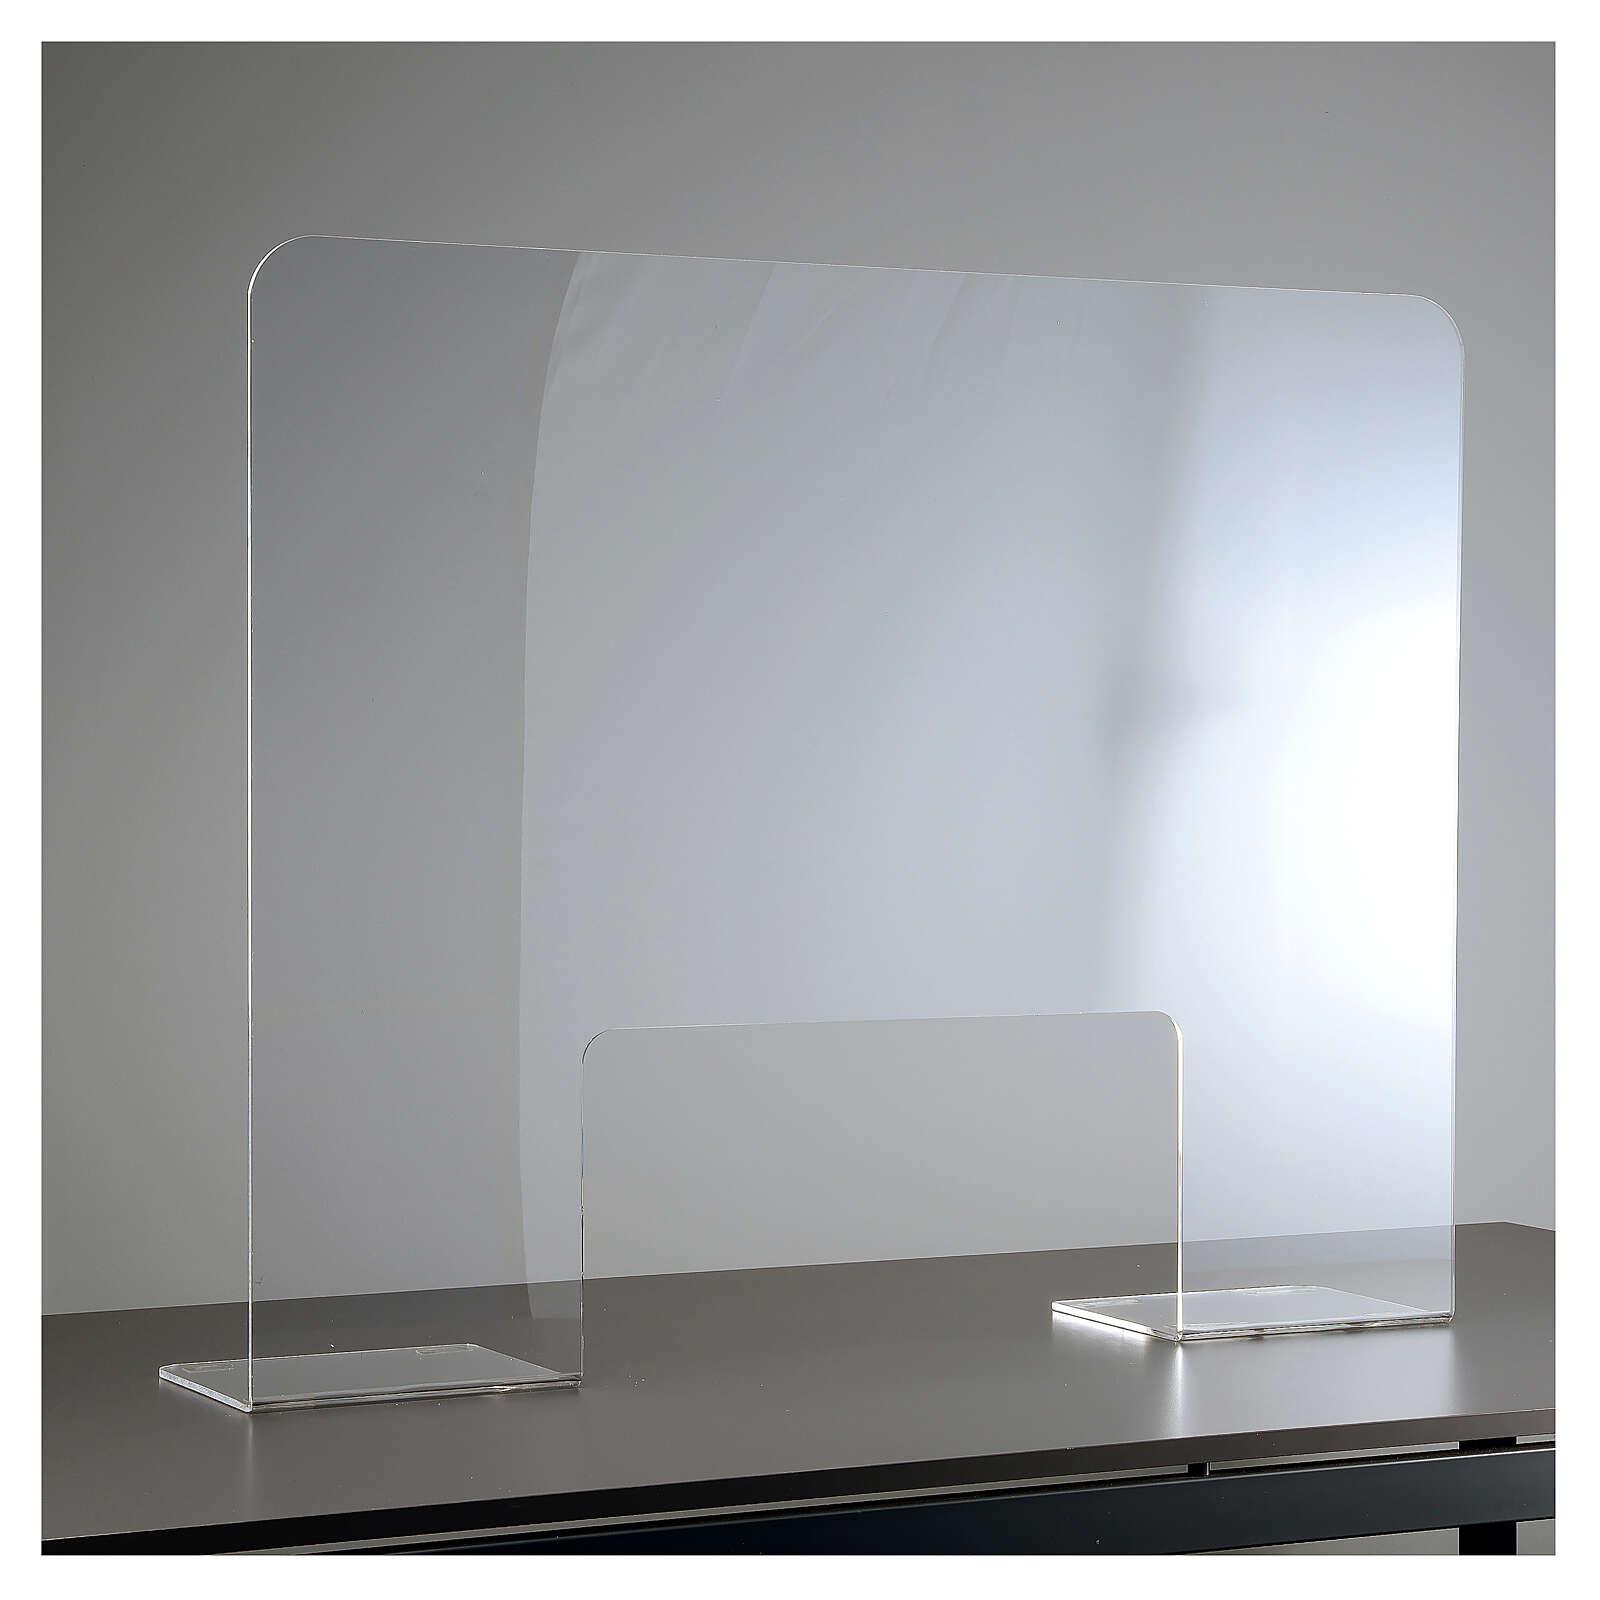 Barreira de proteção acrílico 65x100 cm, 8 mm de espessura 3